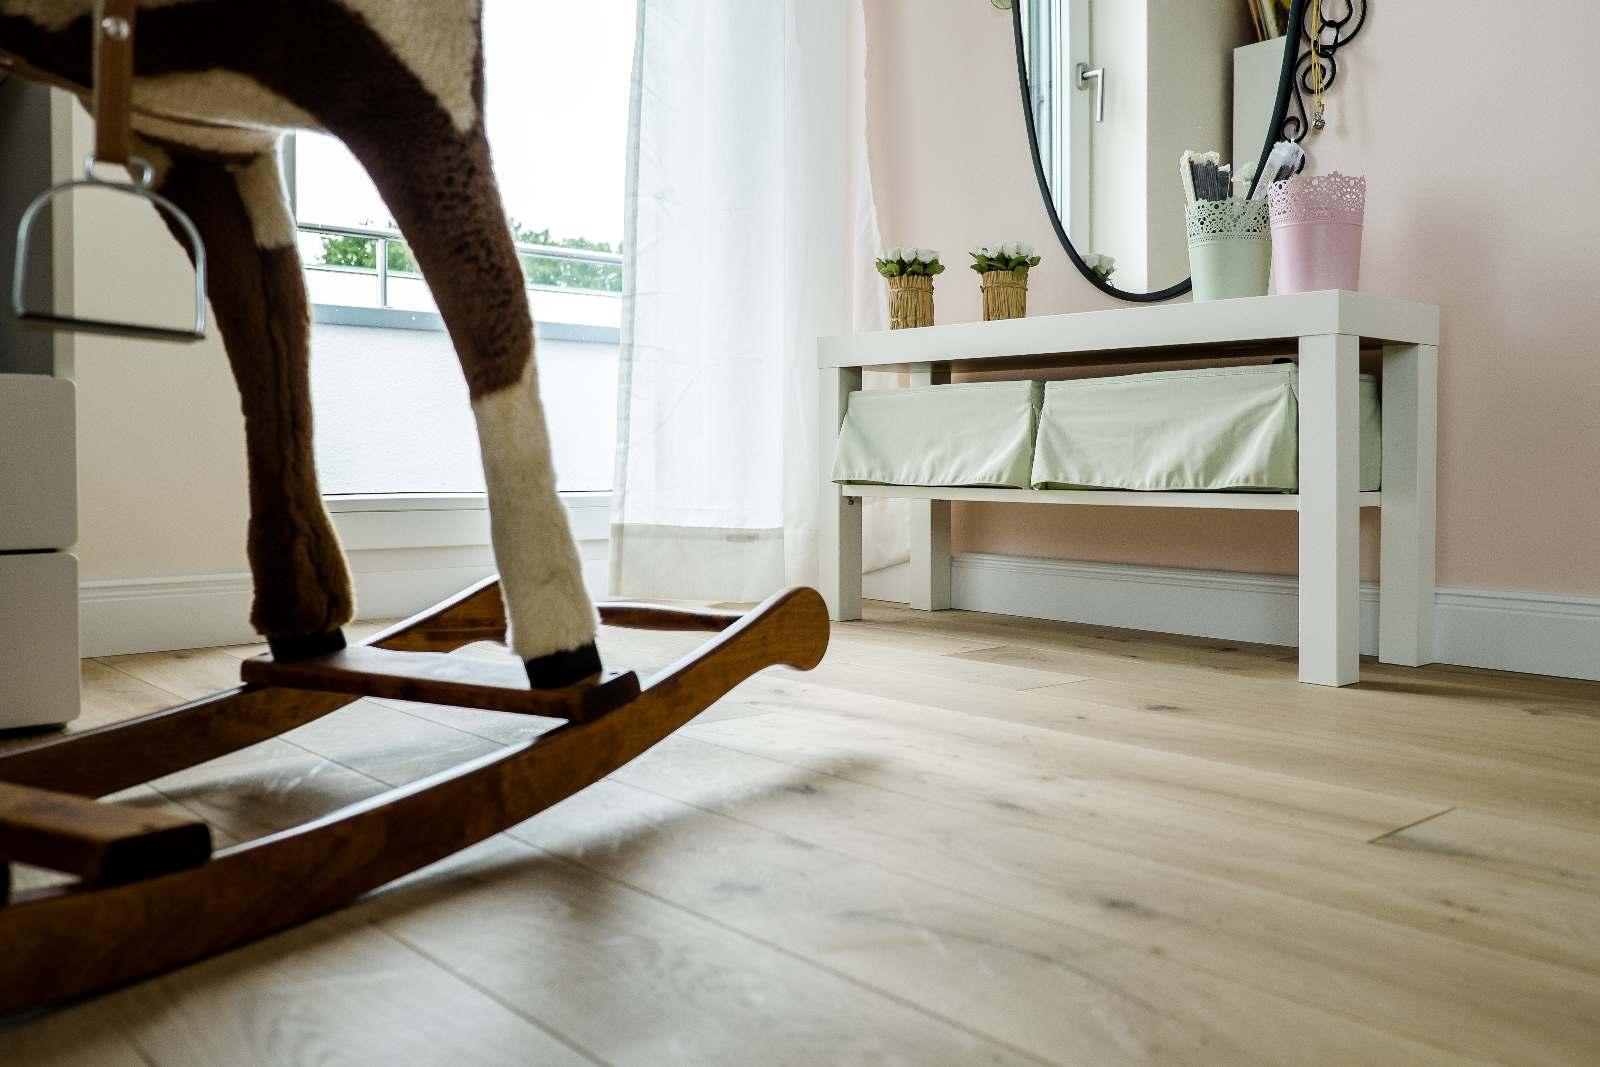 parkett im kinderzimmer mark wrobbel gmbh bodenbel ge. Black Bedroom Furniture Sets. Home Design Ideas